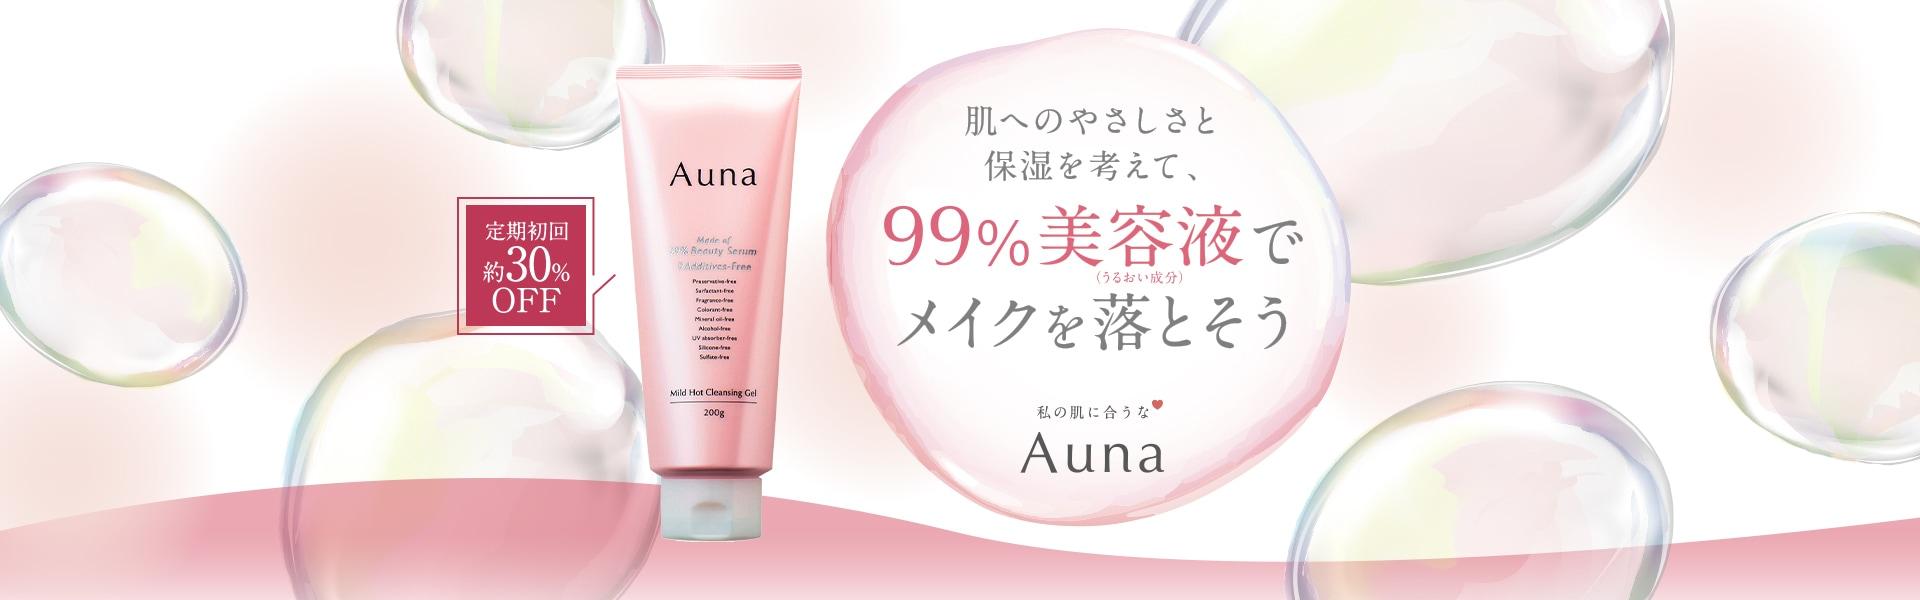 Auna 将来の肌の美しさまで考えた美肌ブランドAunaです